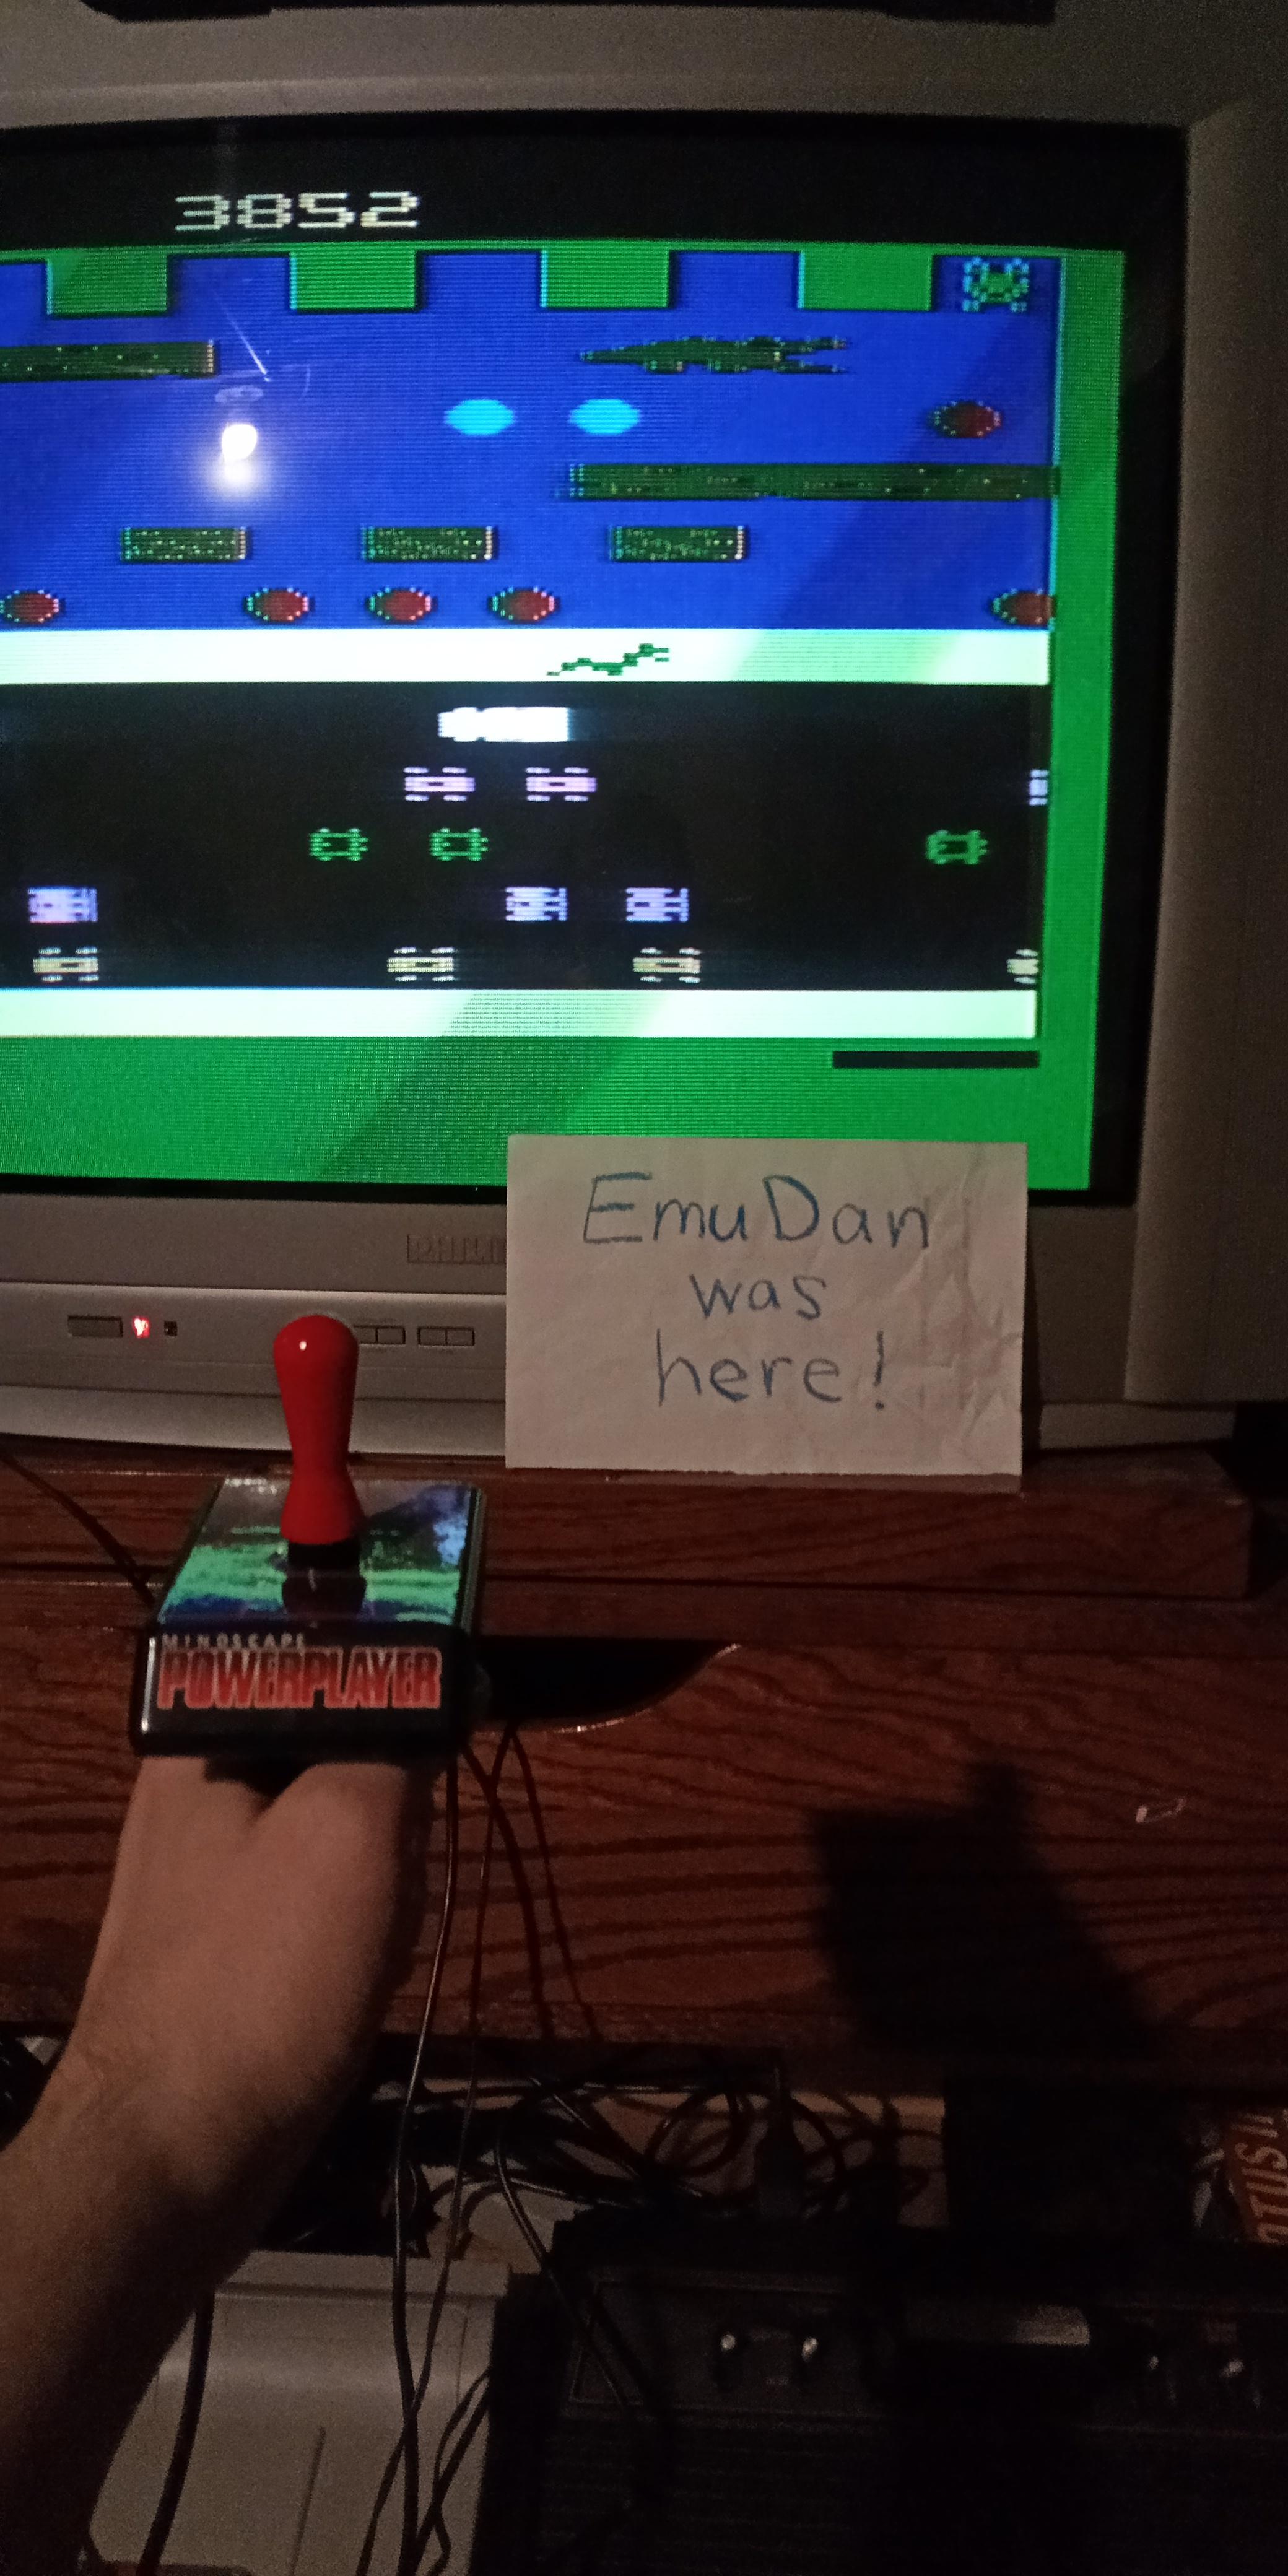 EmuDan: Frogger (Atari 2600 Novice/B) 3,852 points on 2020-05-15 21:08:26